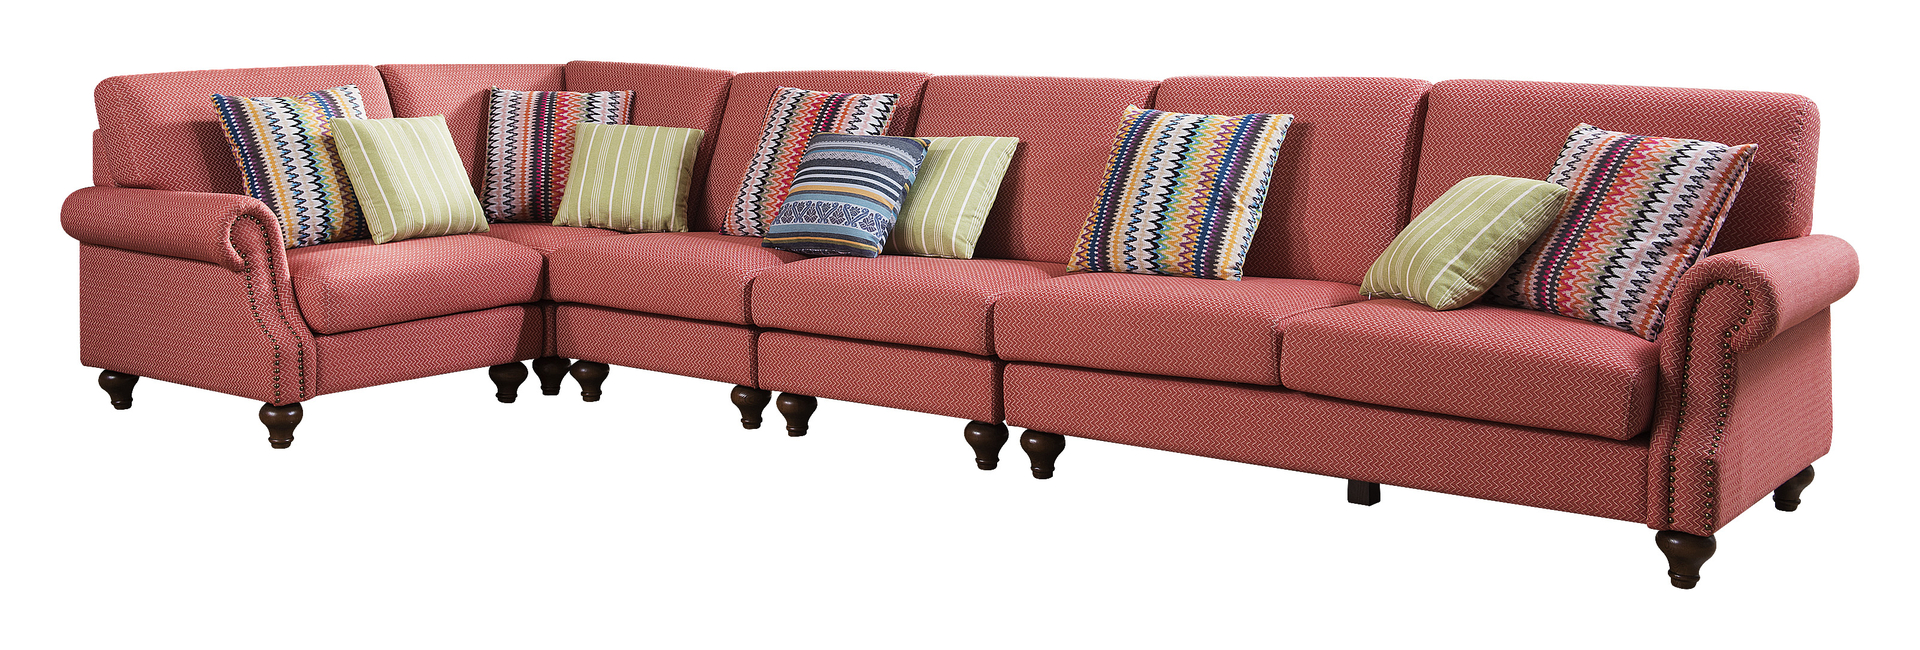 森盛家具 舒美系列 客厅 组合沙发 SFG6001